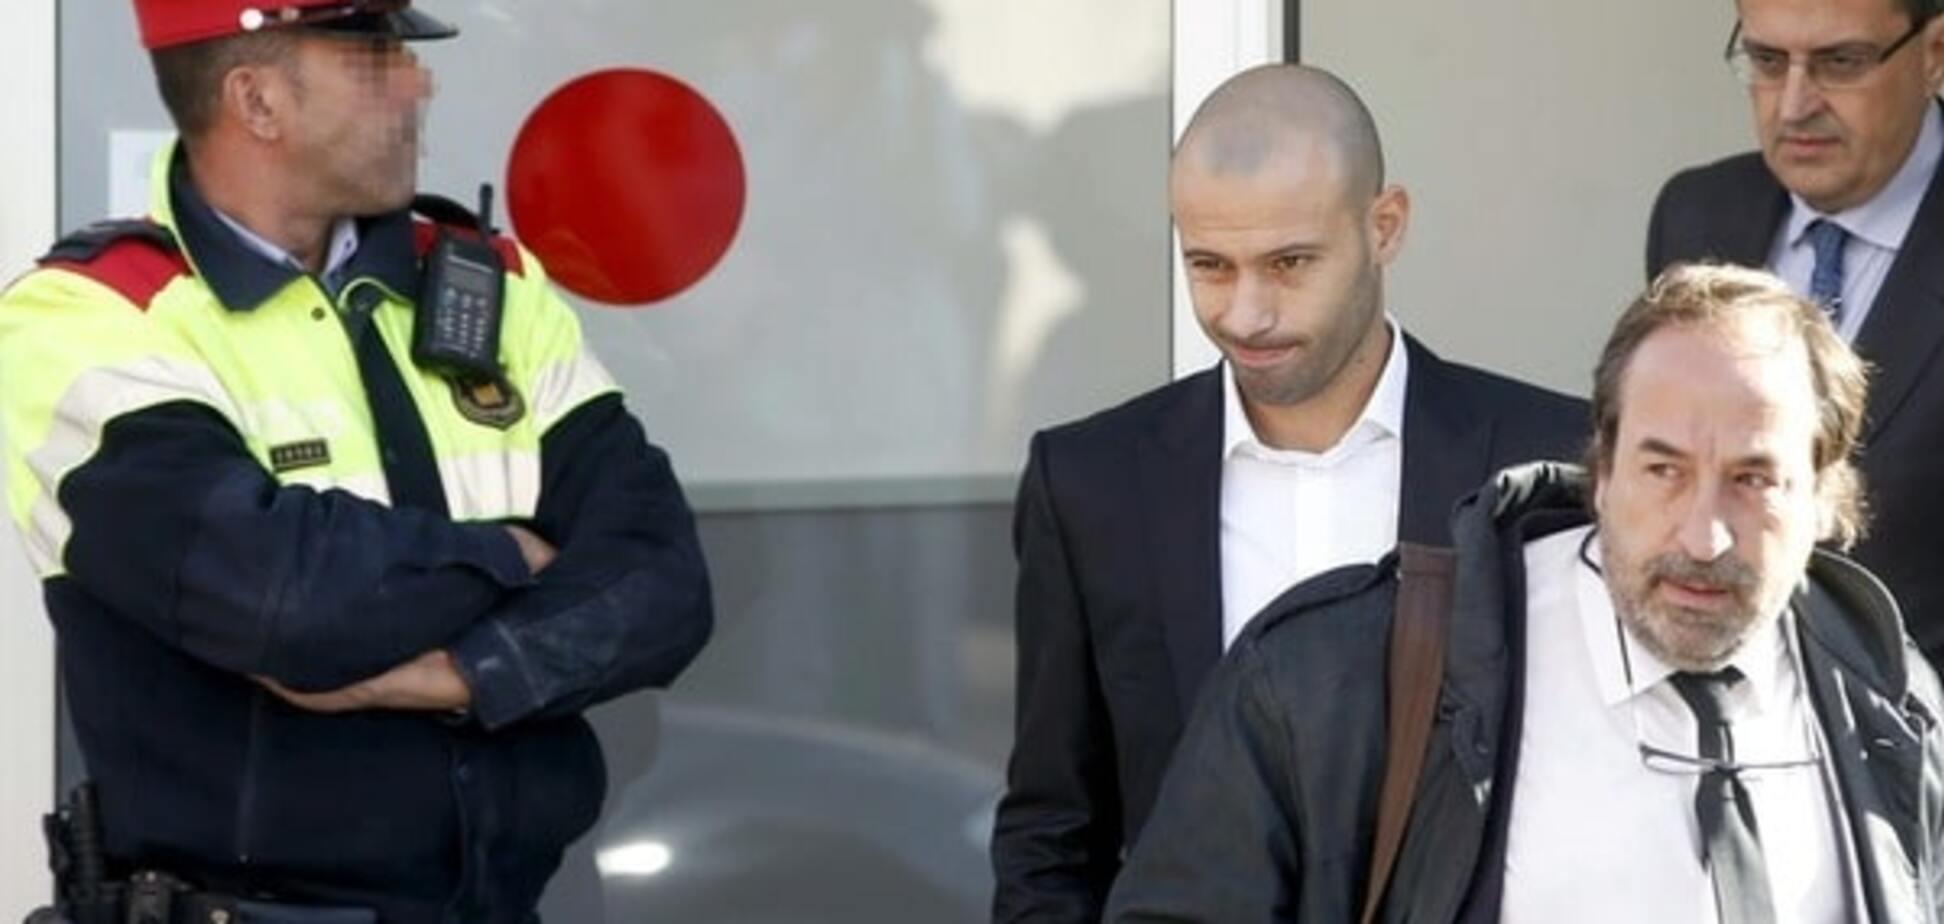 Жорстоке покарання: зірка 'Барселони' отримав рік в'язниці